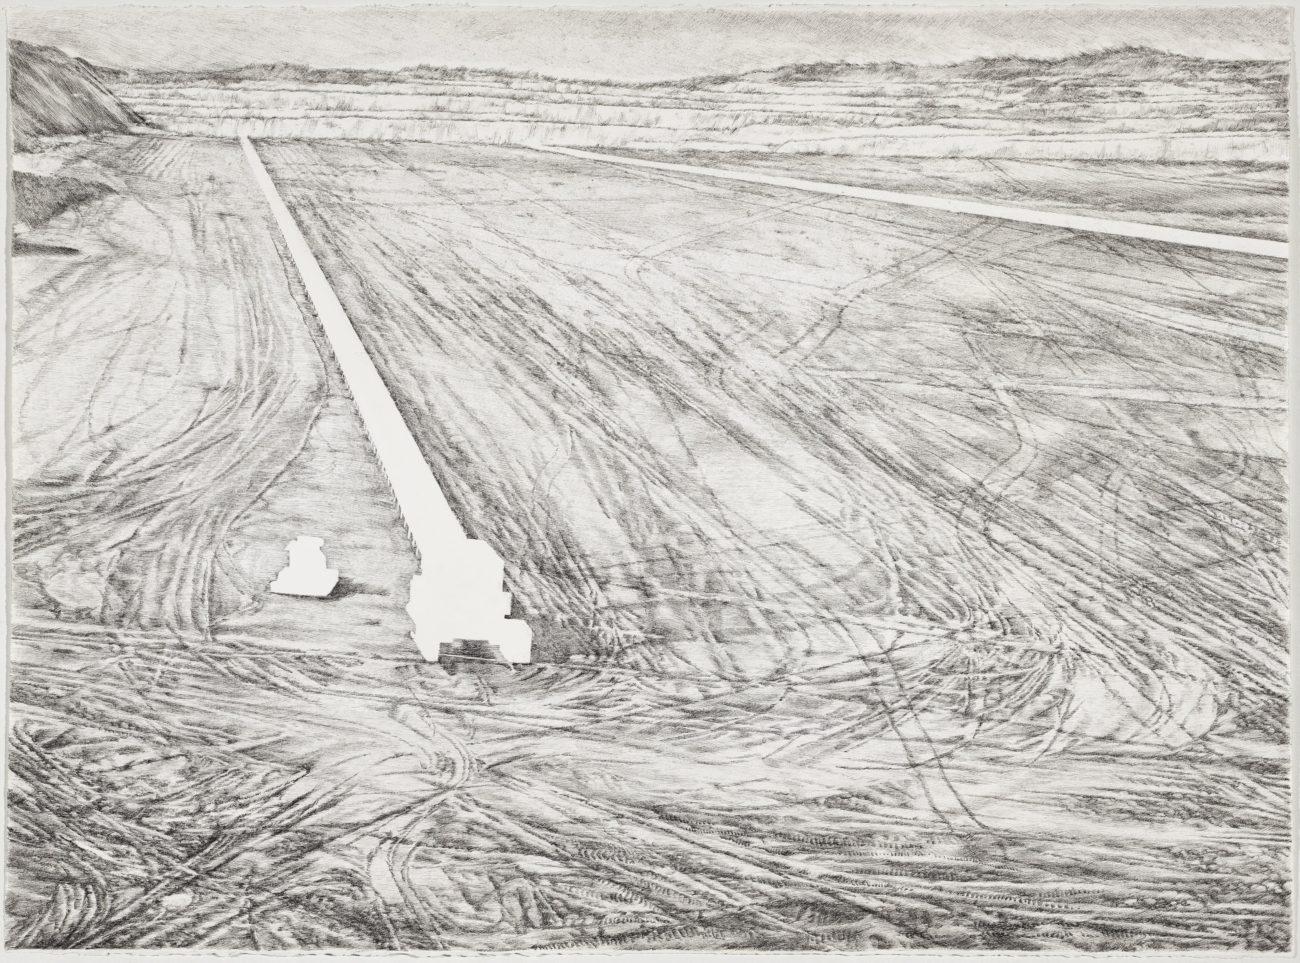 Henninger, emmanuel, art, industrie, germany, france, artiste, ink, landscape